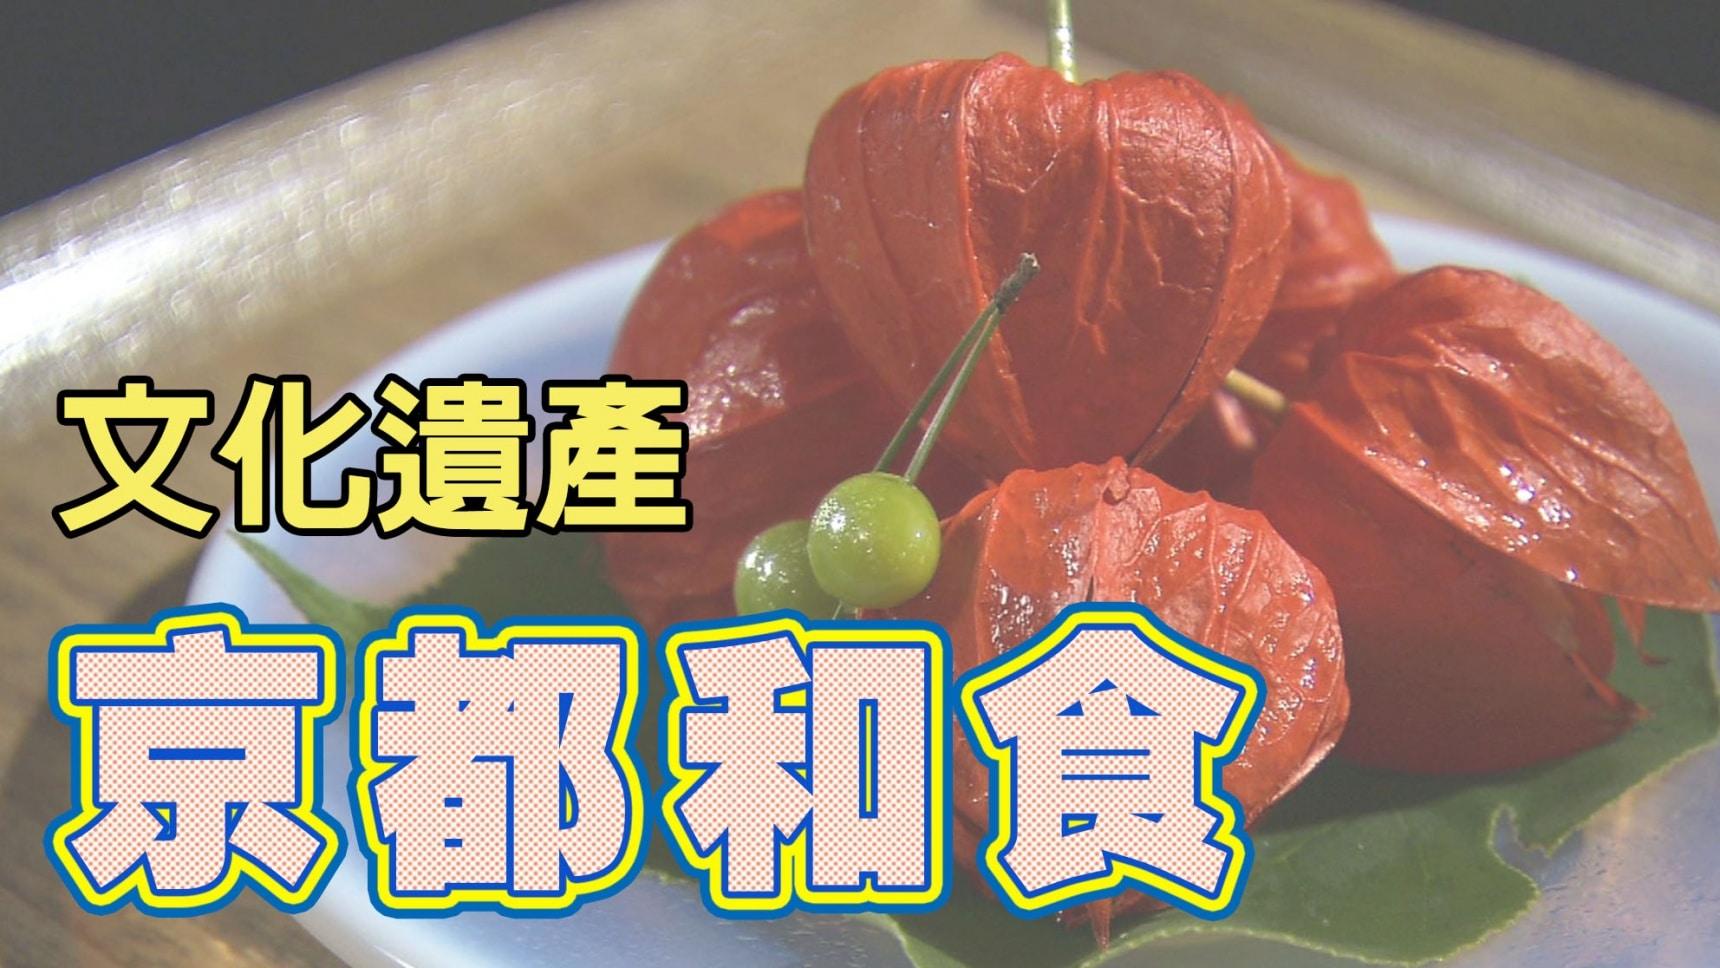 作为无形文化遗产的京都料理